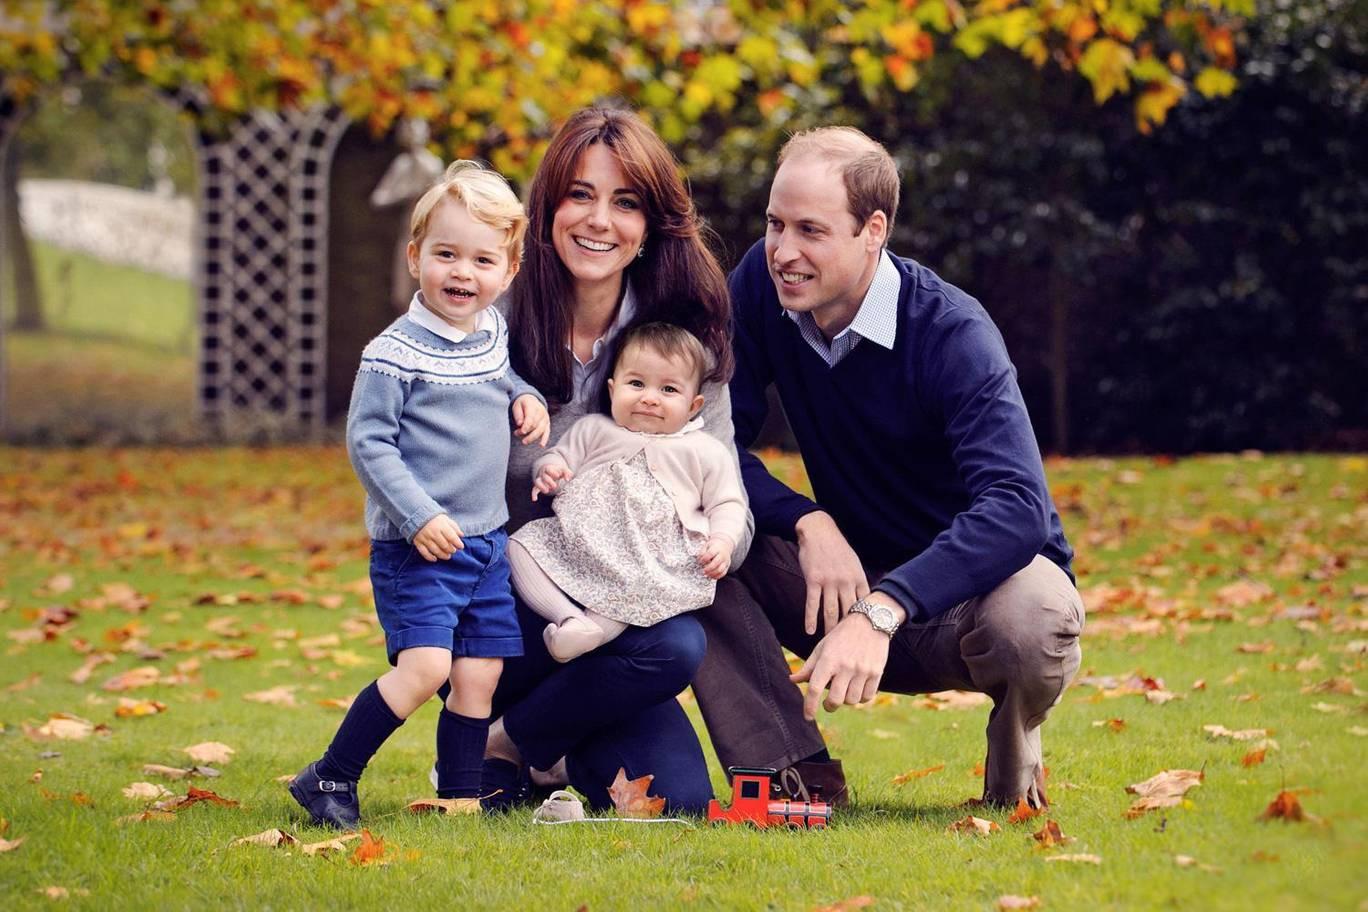 Hơn 40 bức ảnh ghi lại những khoảnh khắc cực đáng yêu cho thấy hành trình lớn lên của Hoàng tử George trong 5 năm đầu đời - Ảnh 14.